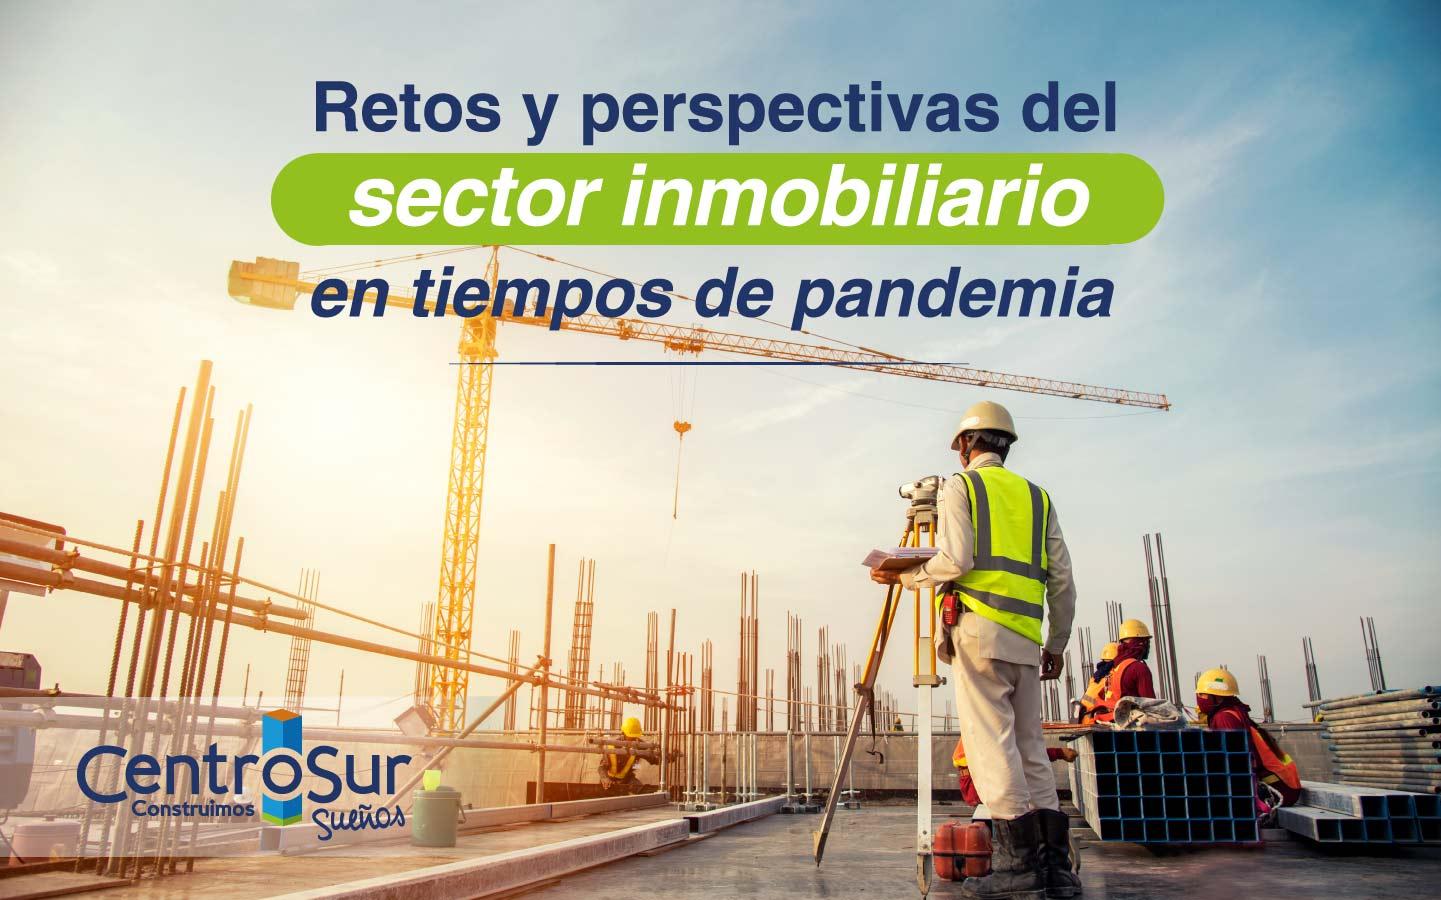 Retos y perspectivas del sector inmobiliario en tiempos de pandemia